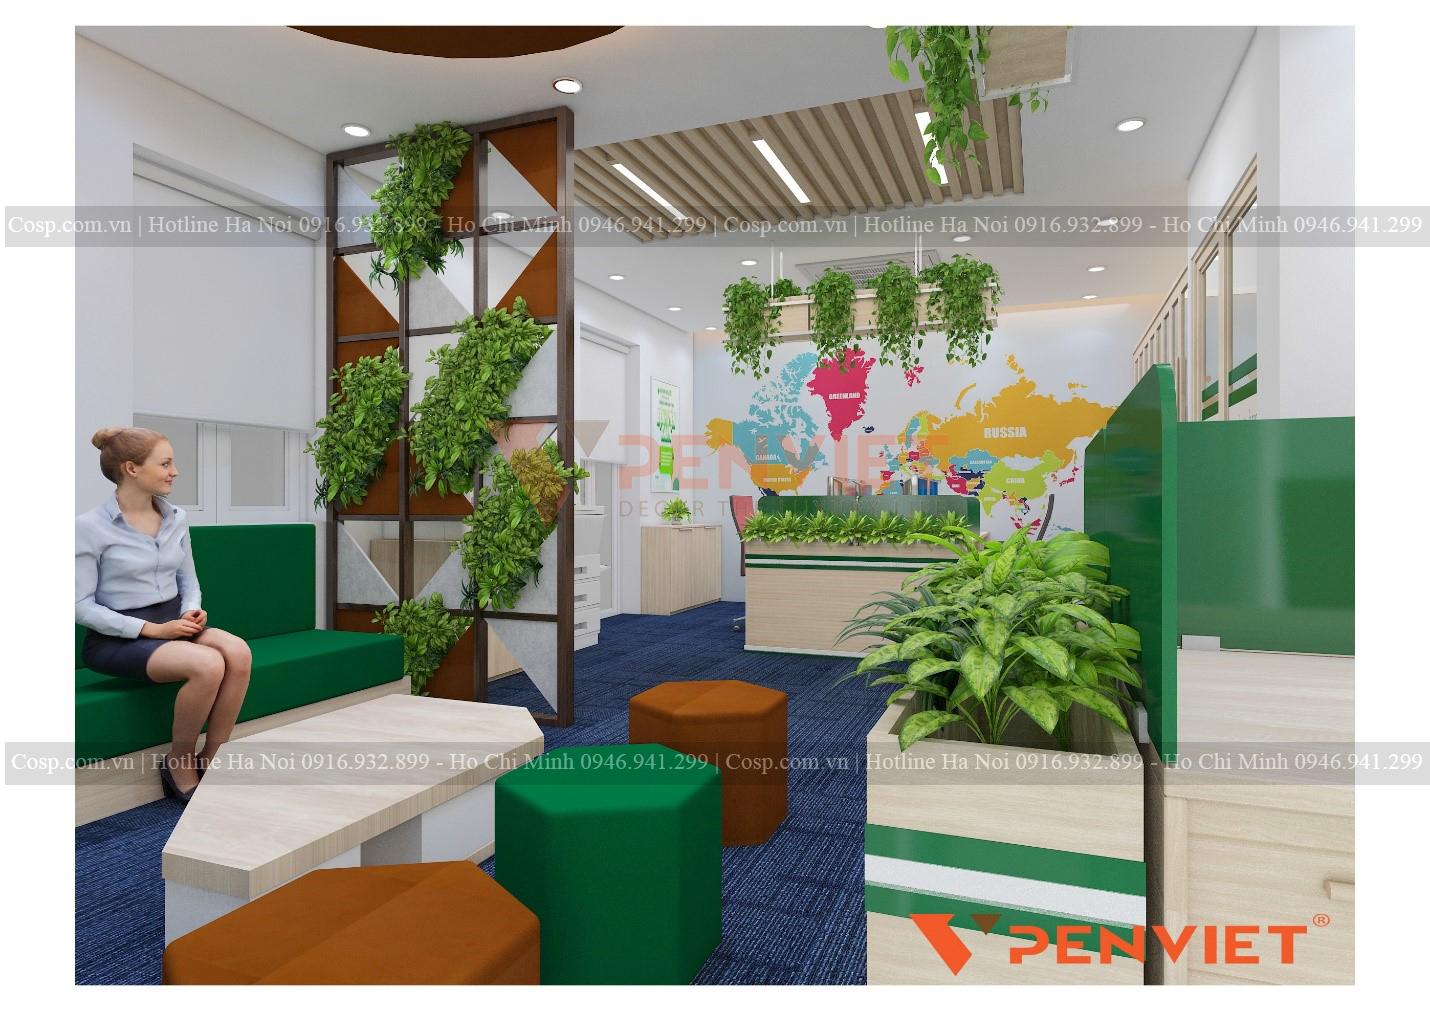 Không gian xanh trong phòng làm việc